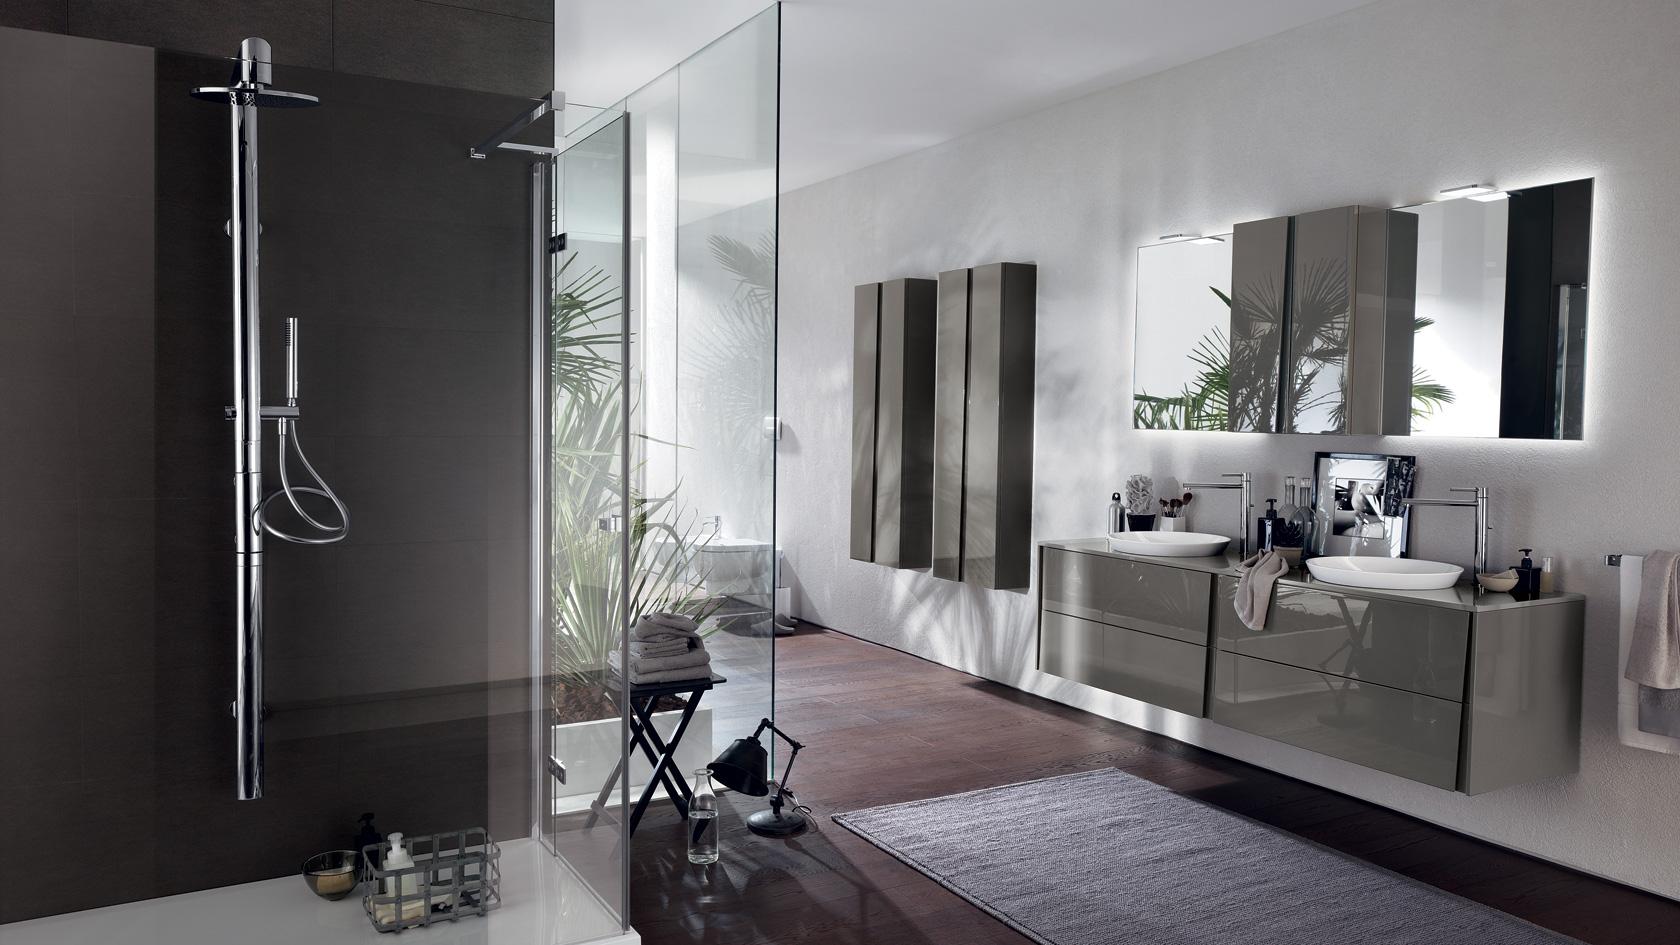 arredo bagno roma ciminelli casa funzionalità e design prodotti ... - Negozi Arredo Bagno Roma